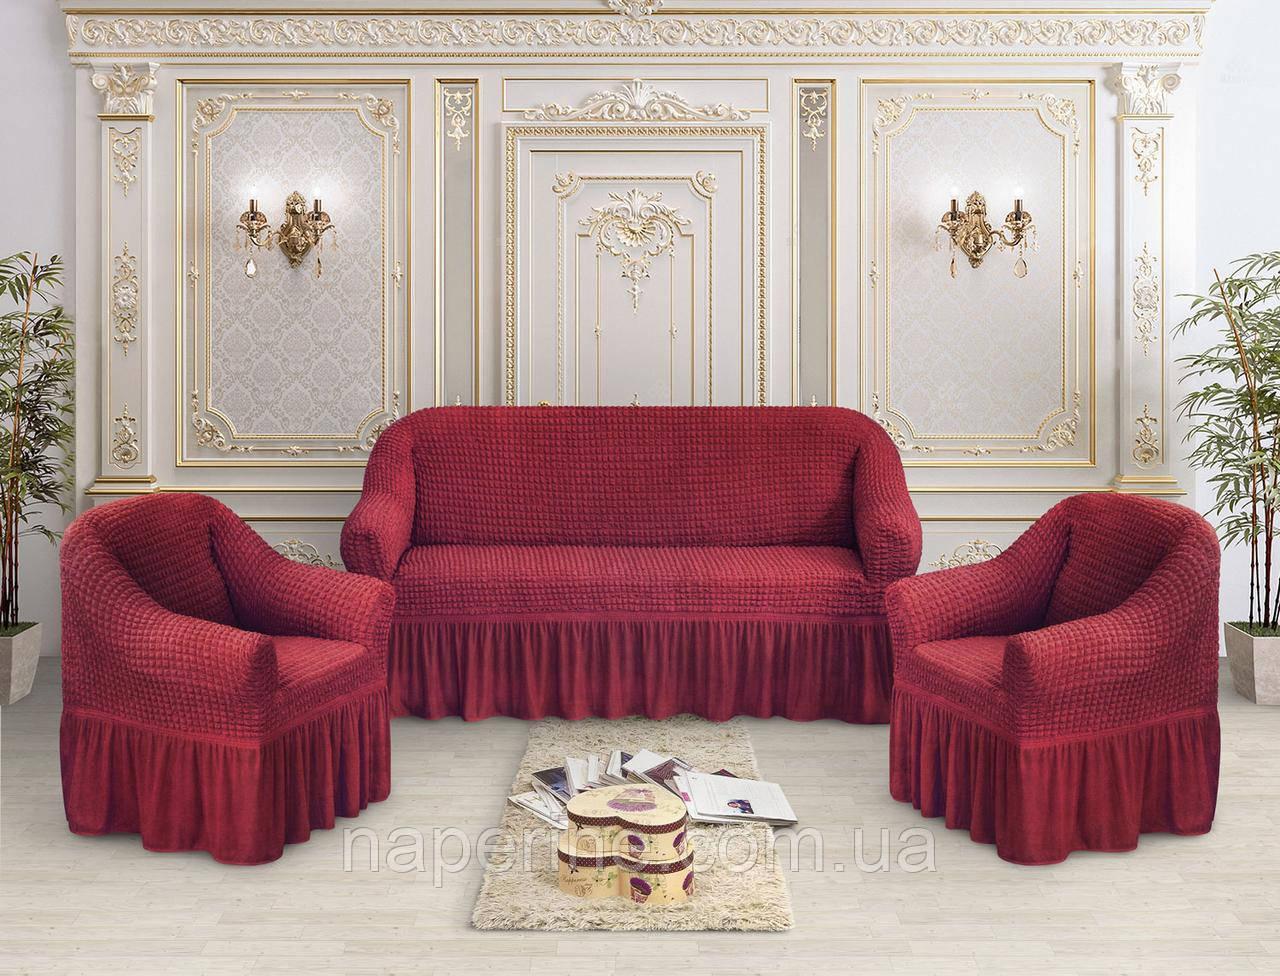 Чехол Премиум натяжной на диван и 2 кресла  MILANO универсальный, бордо